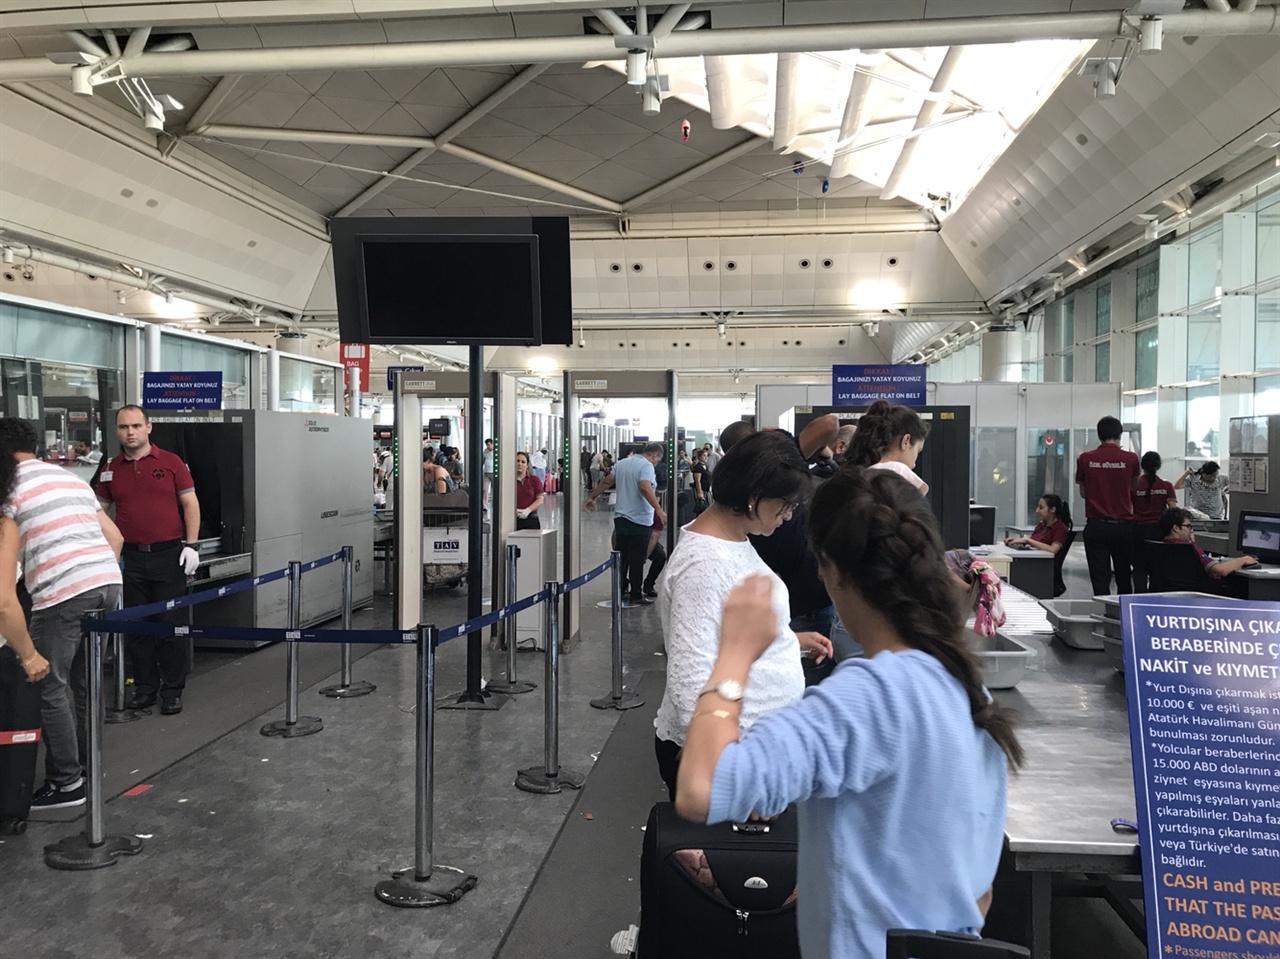 터키 이스탄불의 아타튀르크 국제 공항